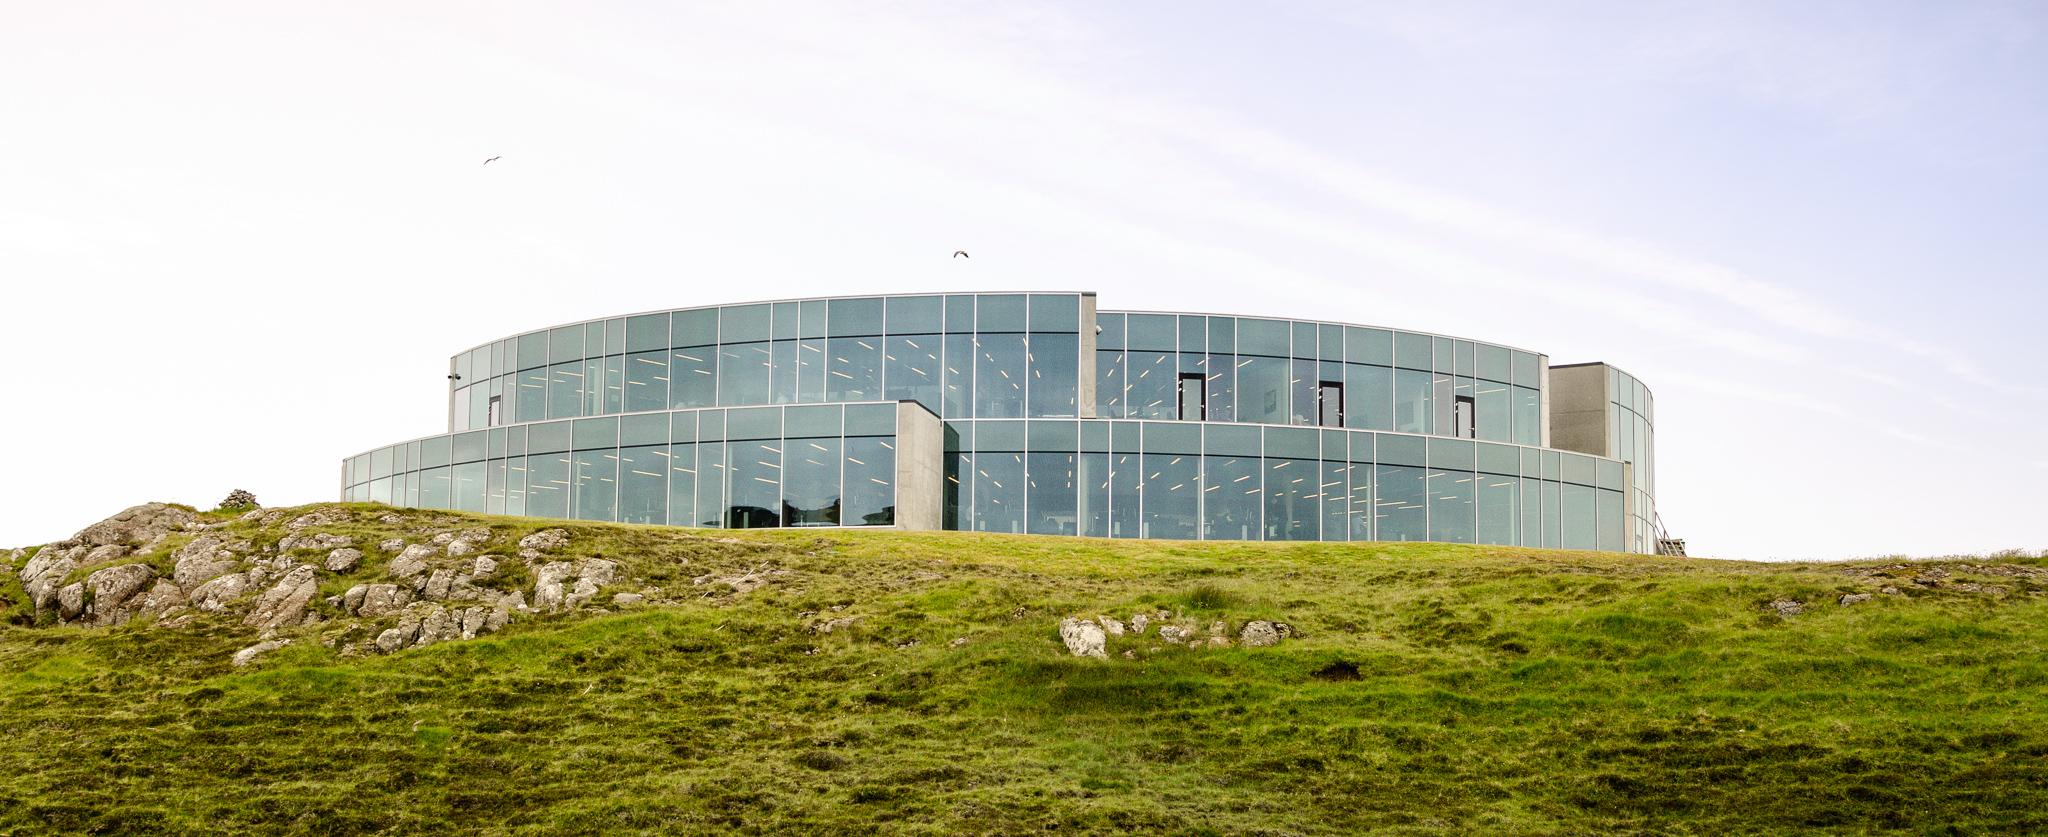 Faroe Islands - Bank Nordic INTERNET zonder watermerk-1.jpg